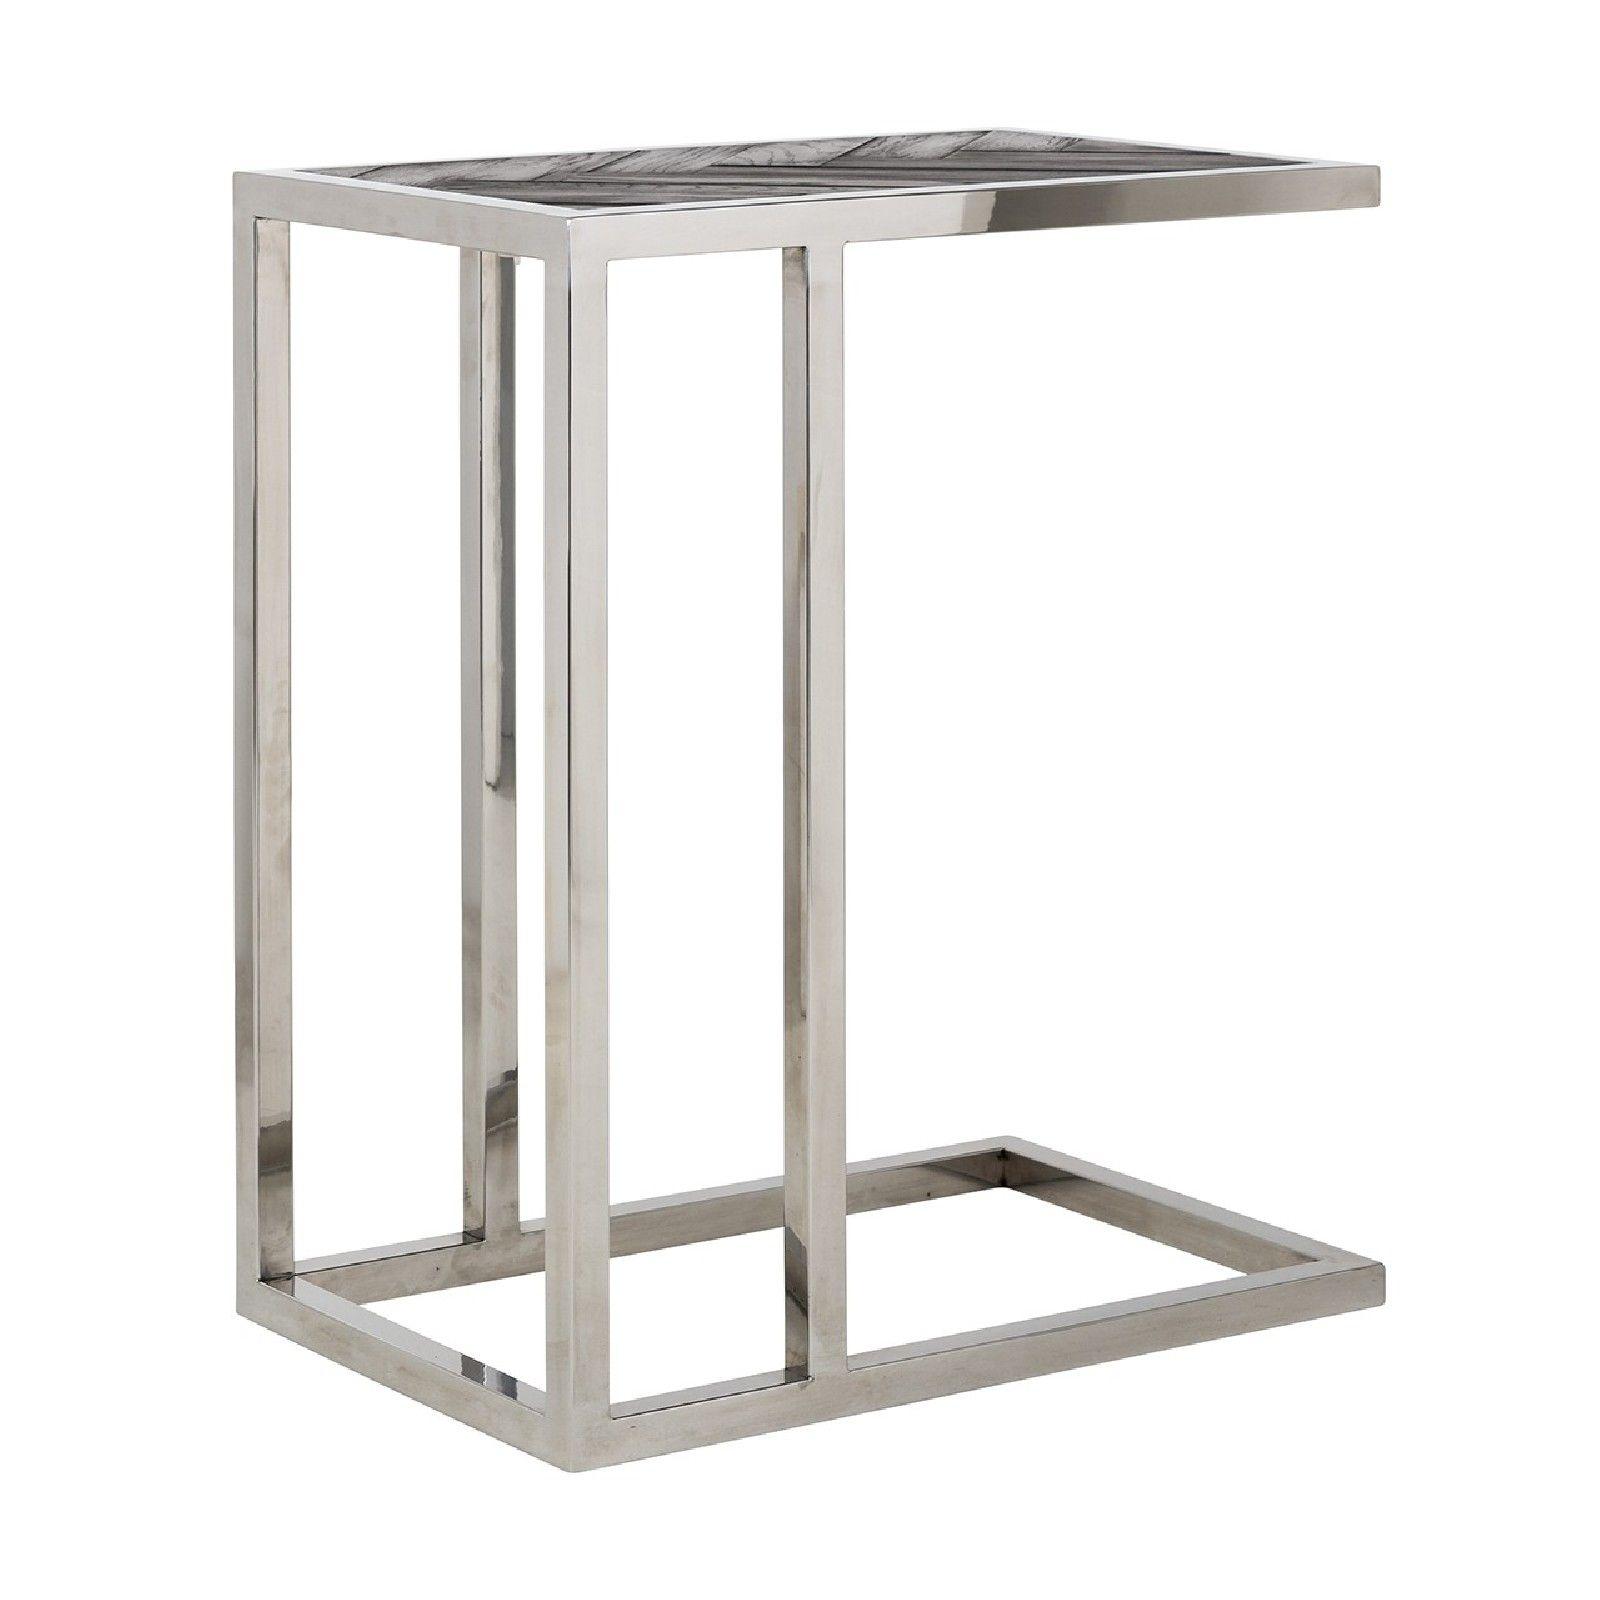 Table d'appoint Blackbone silver Meuble Déco Tendance - 142